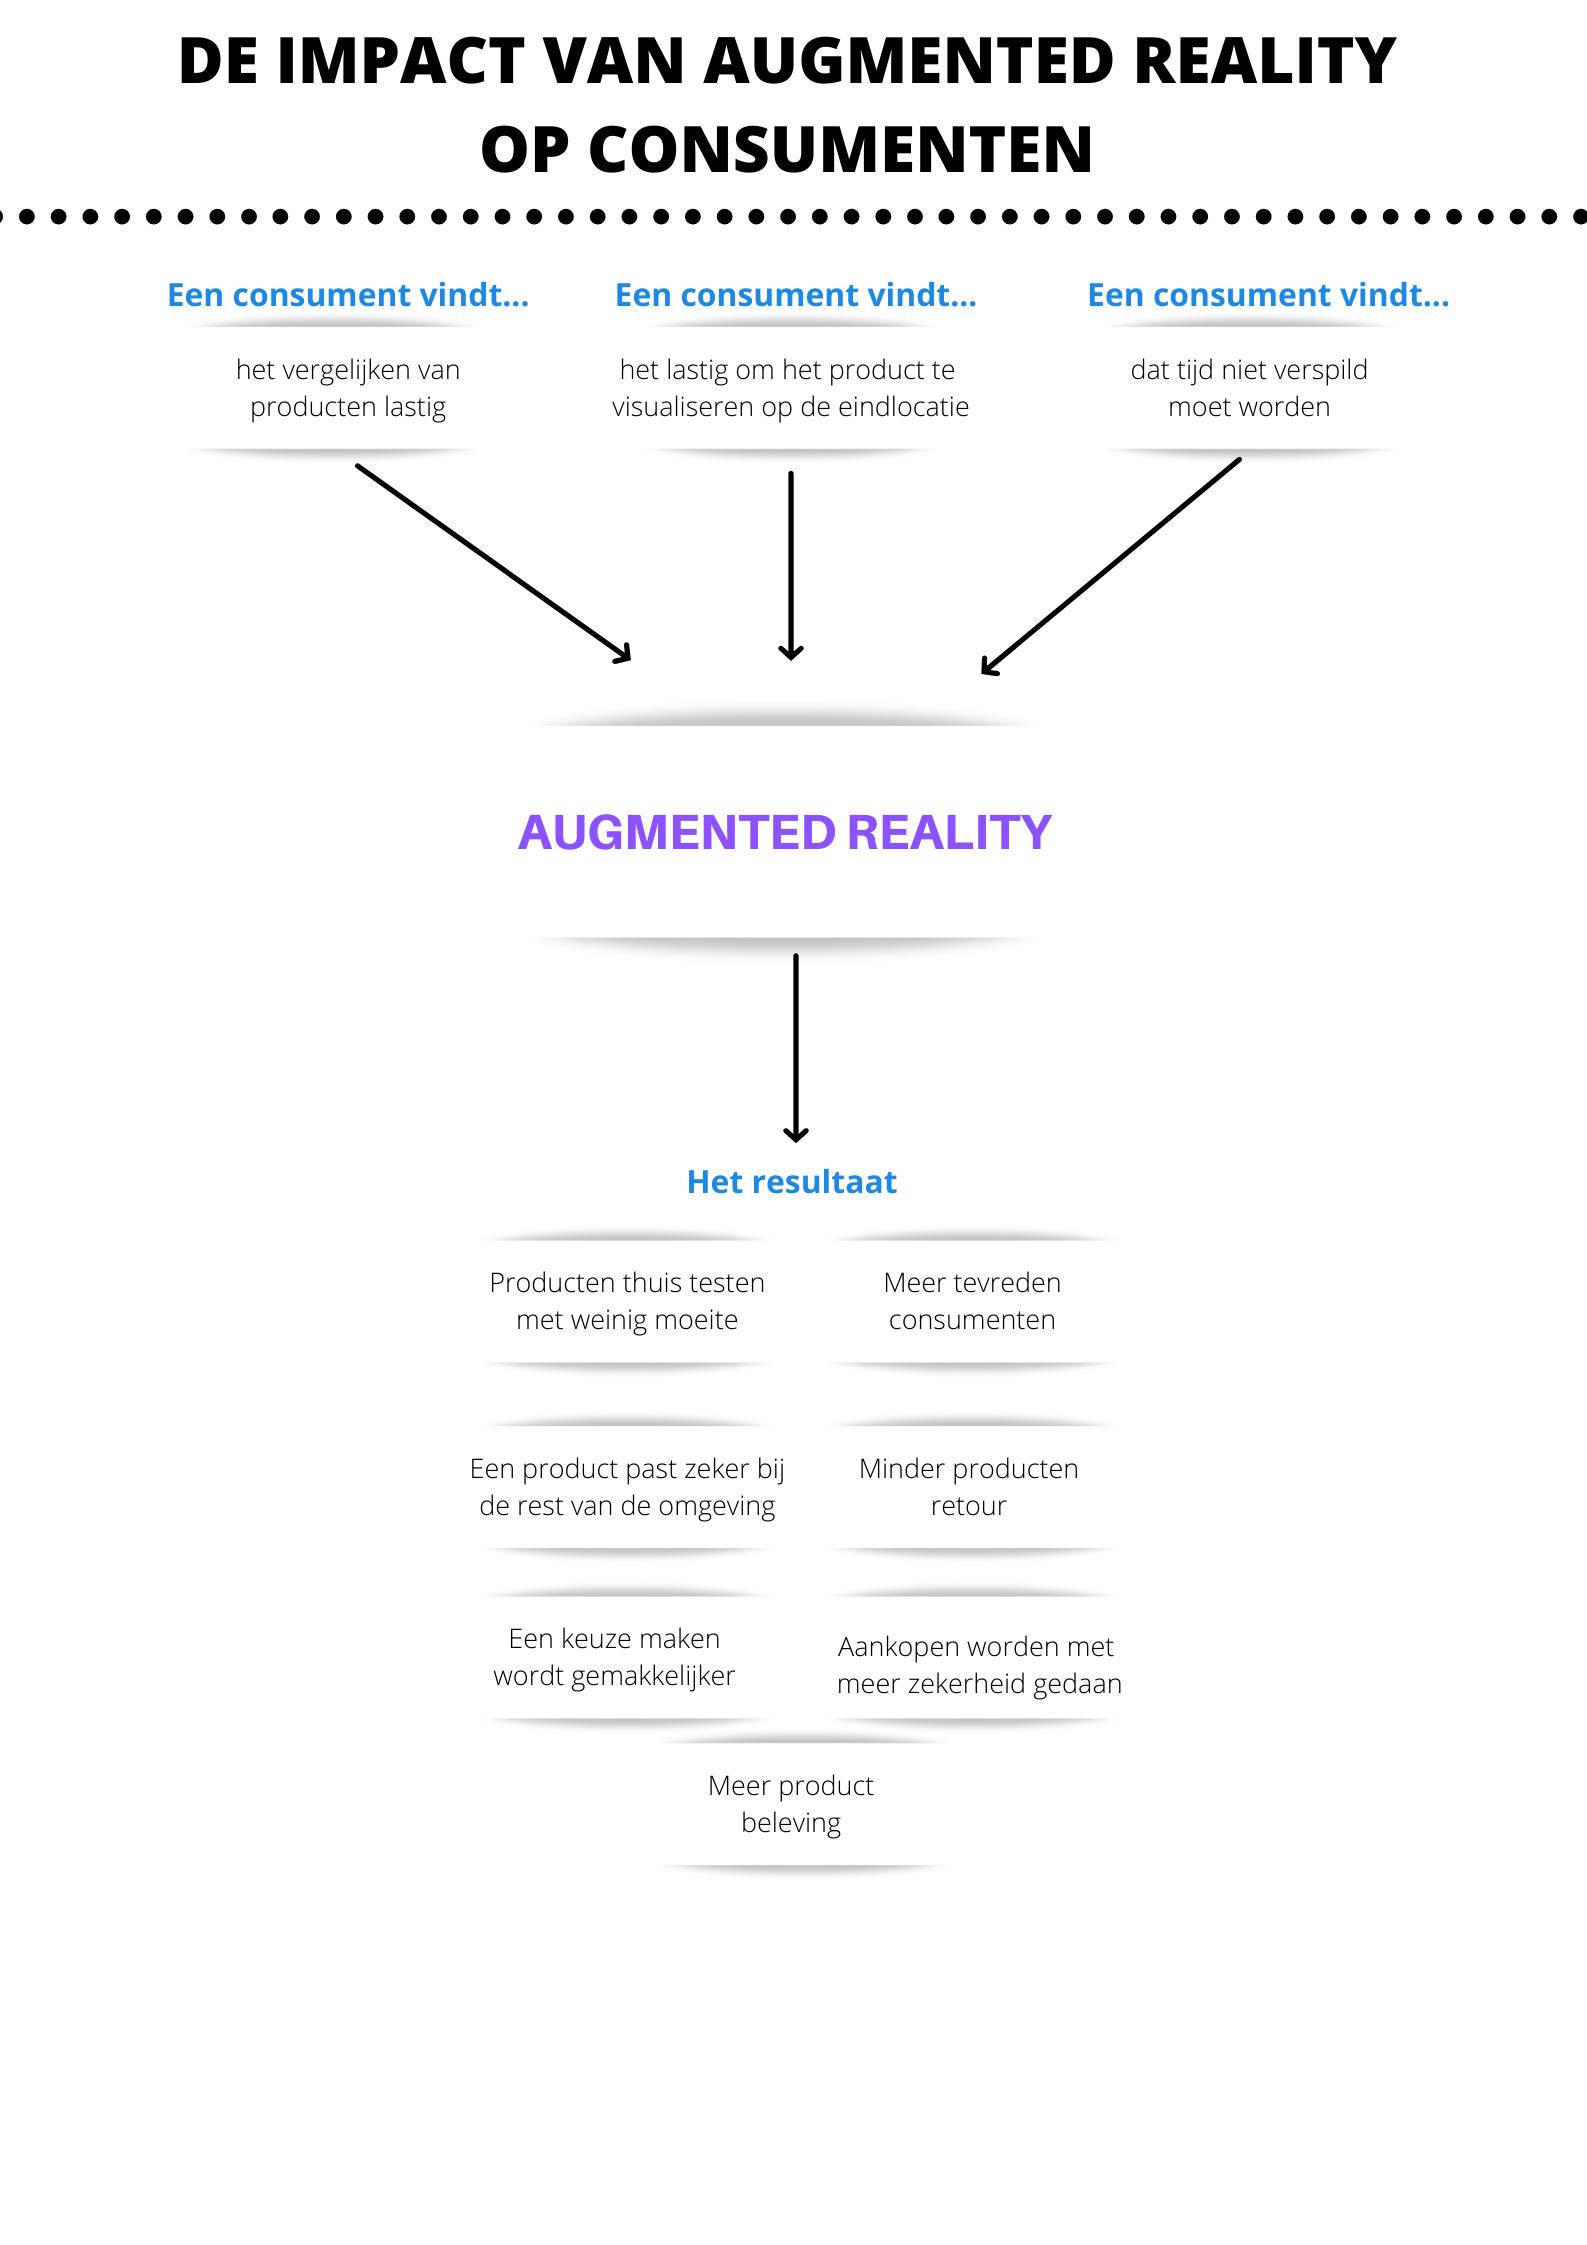 de-impact-van-augmented-reality-op-consumenten